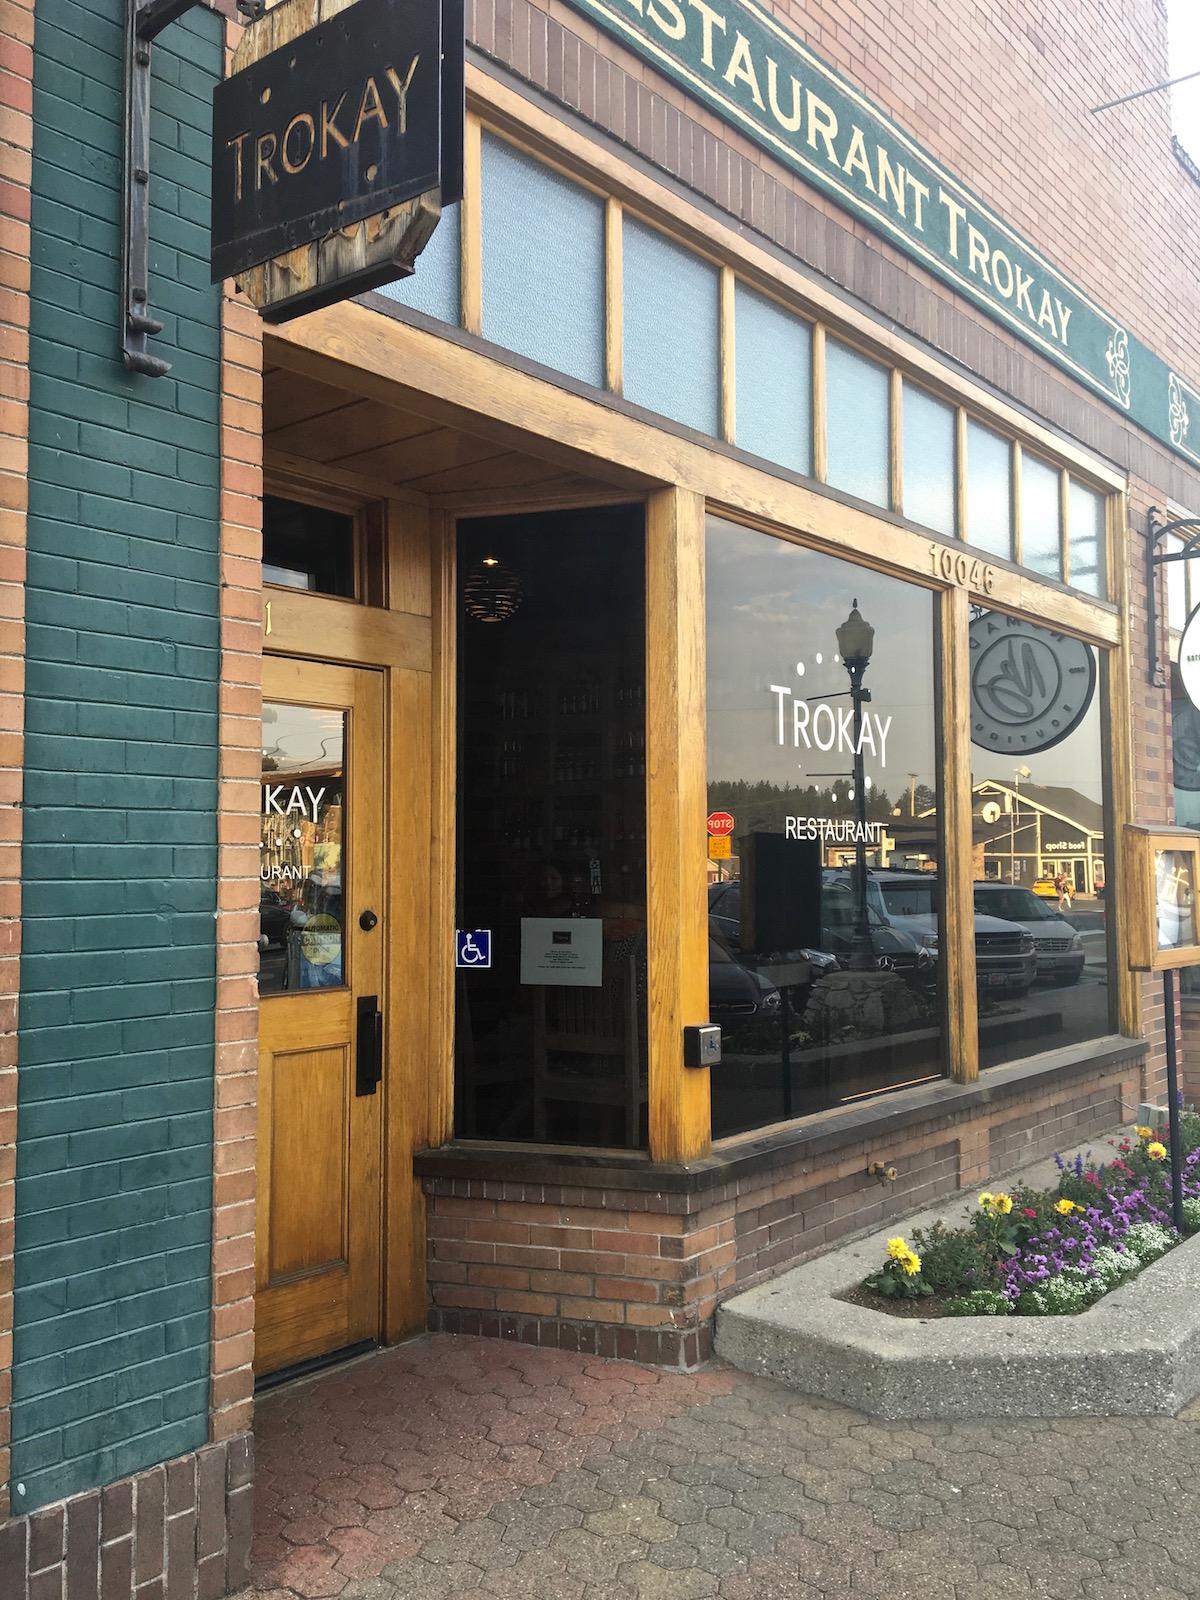 Trokay Restaurant Truckee